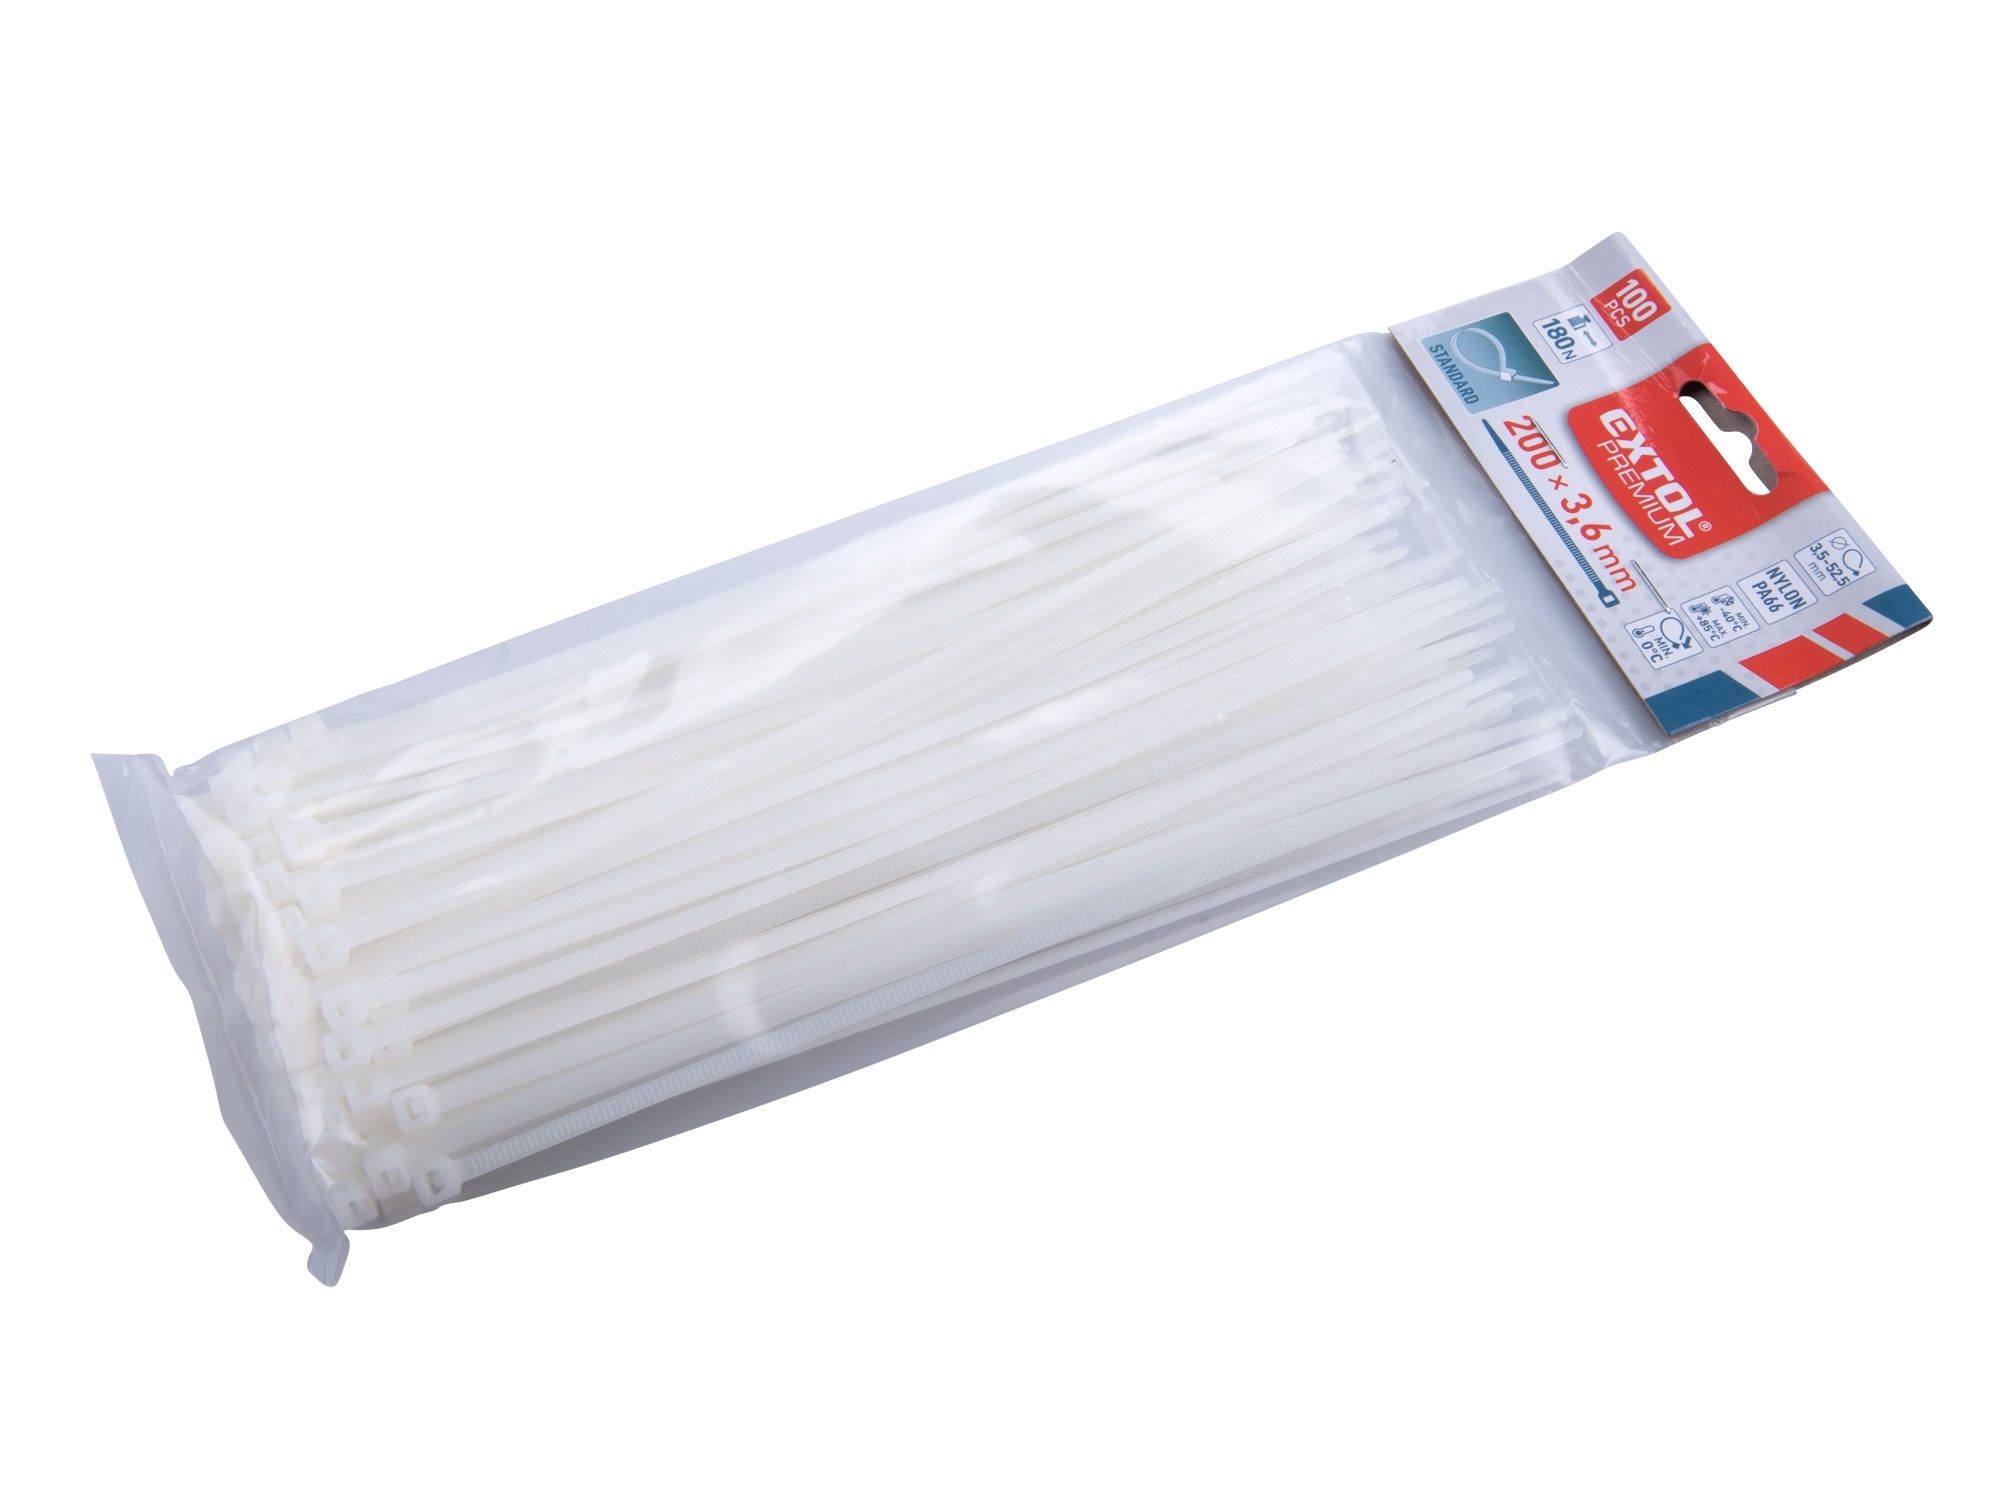 pásky stahovací bílé, 200x3,6mm, 100ks, nylon, EXTOL PREMIUM 8856106